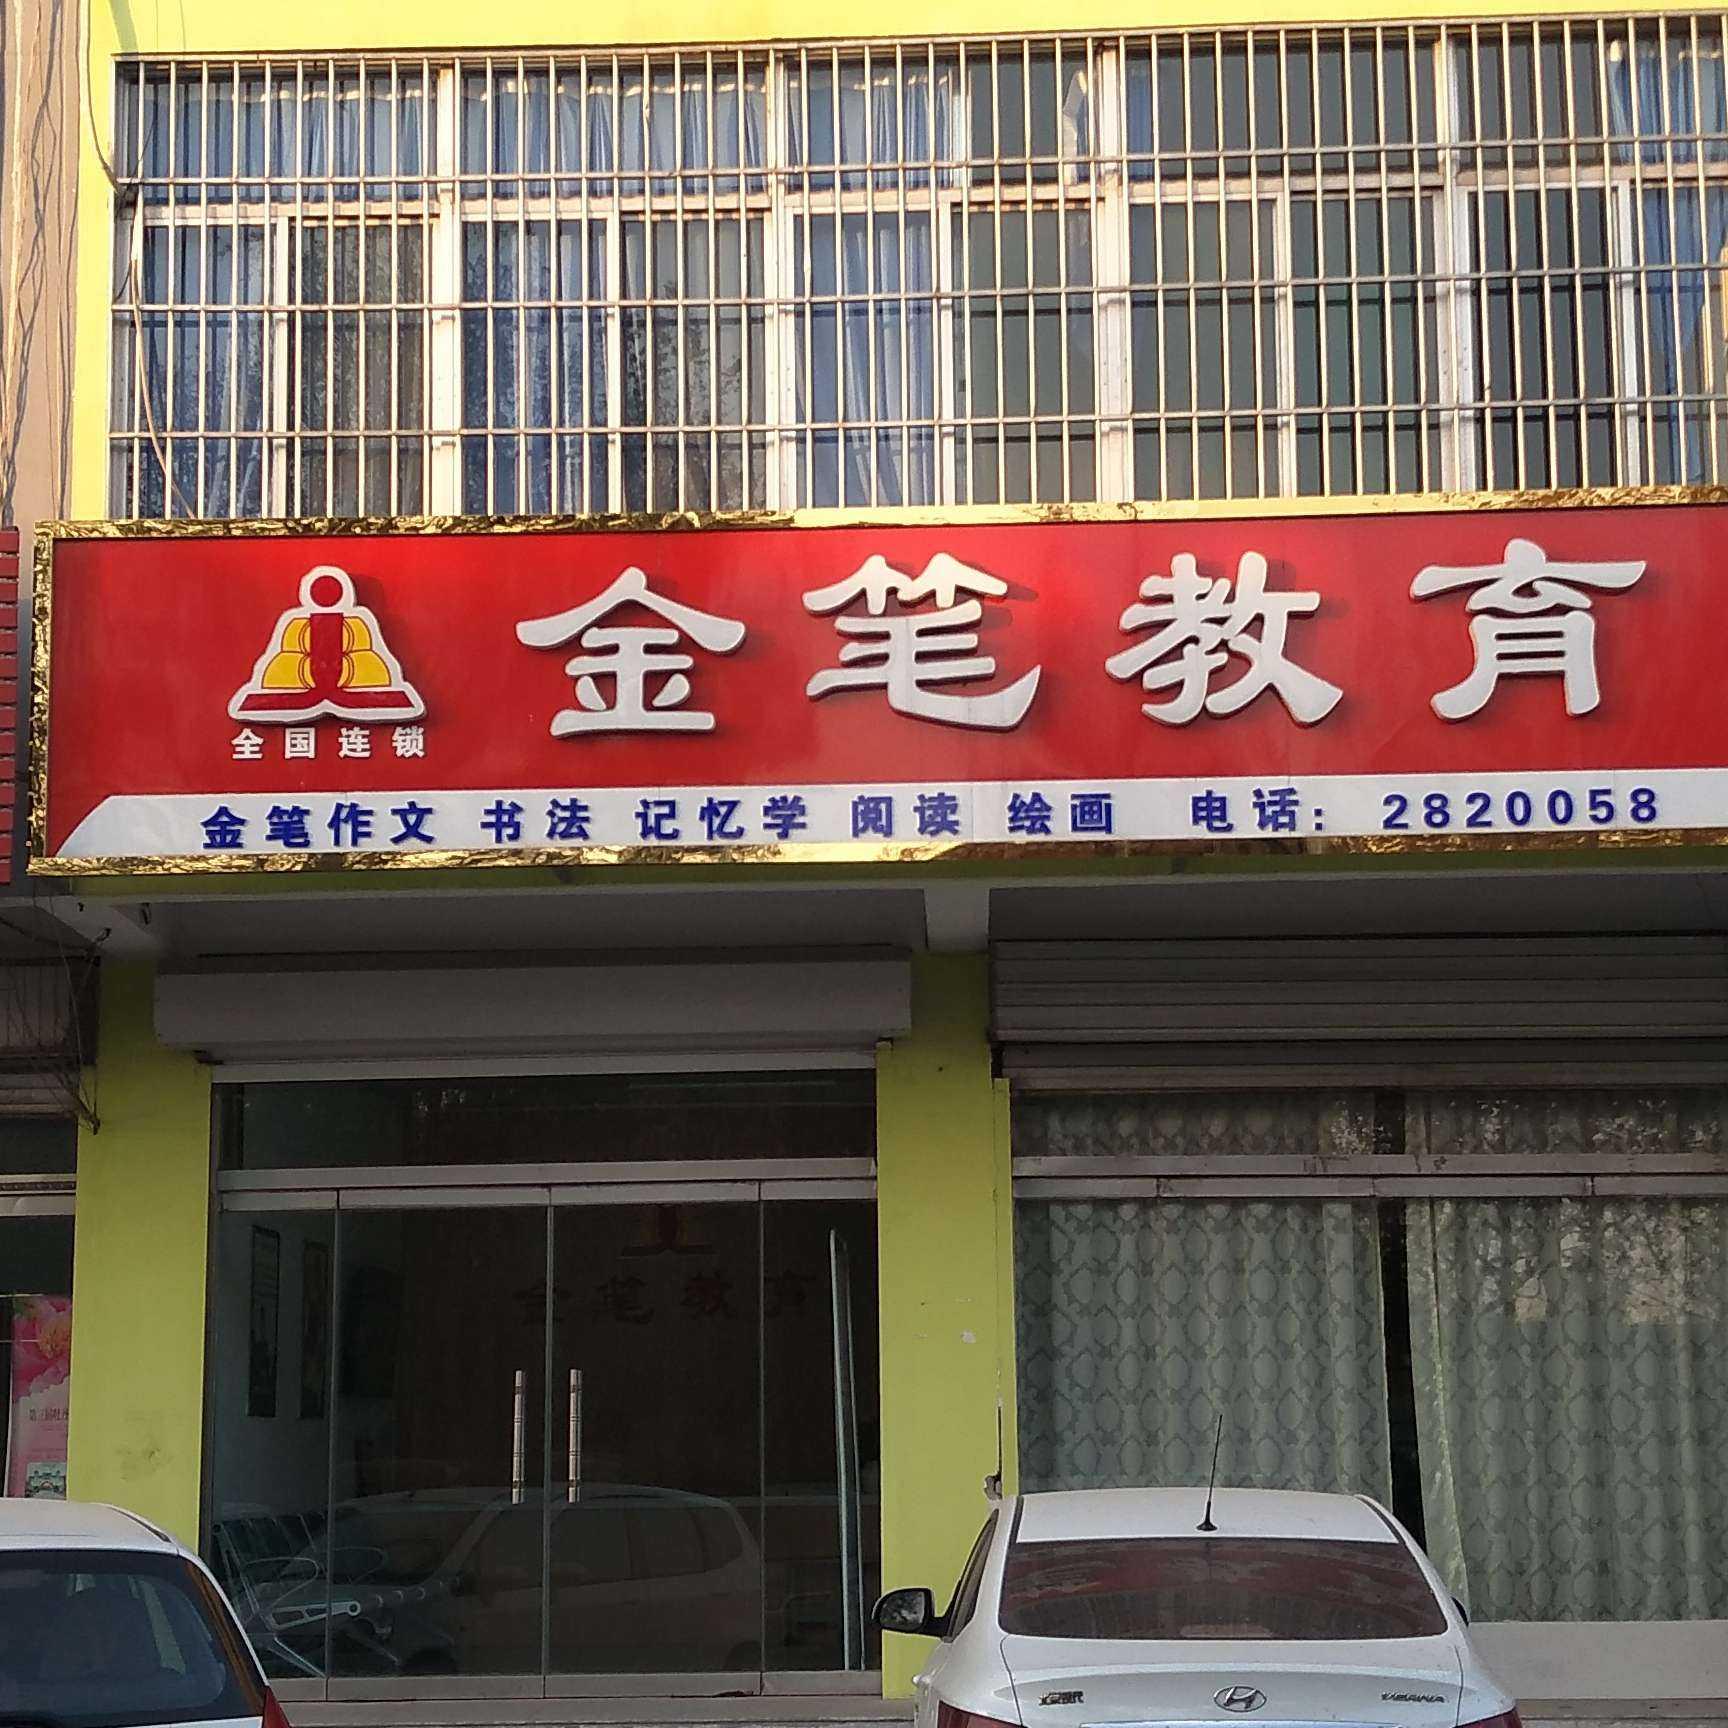 东平金榜教育培训学校有限公司